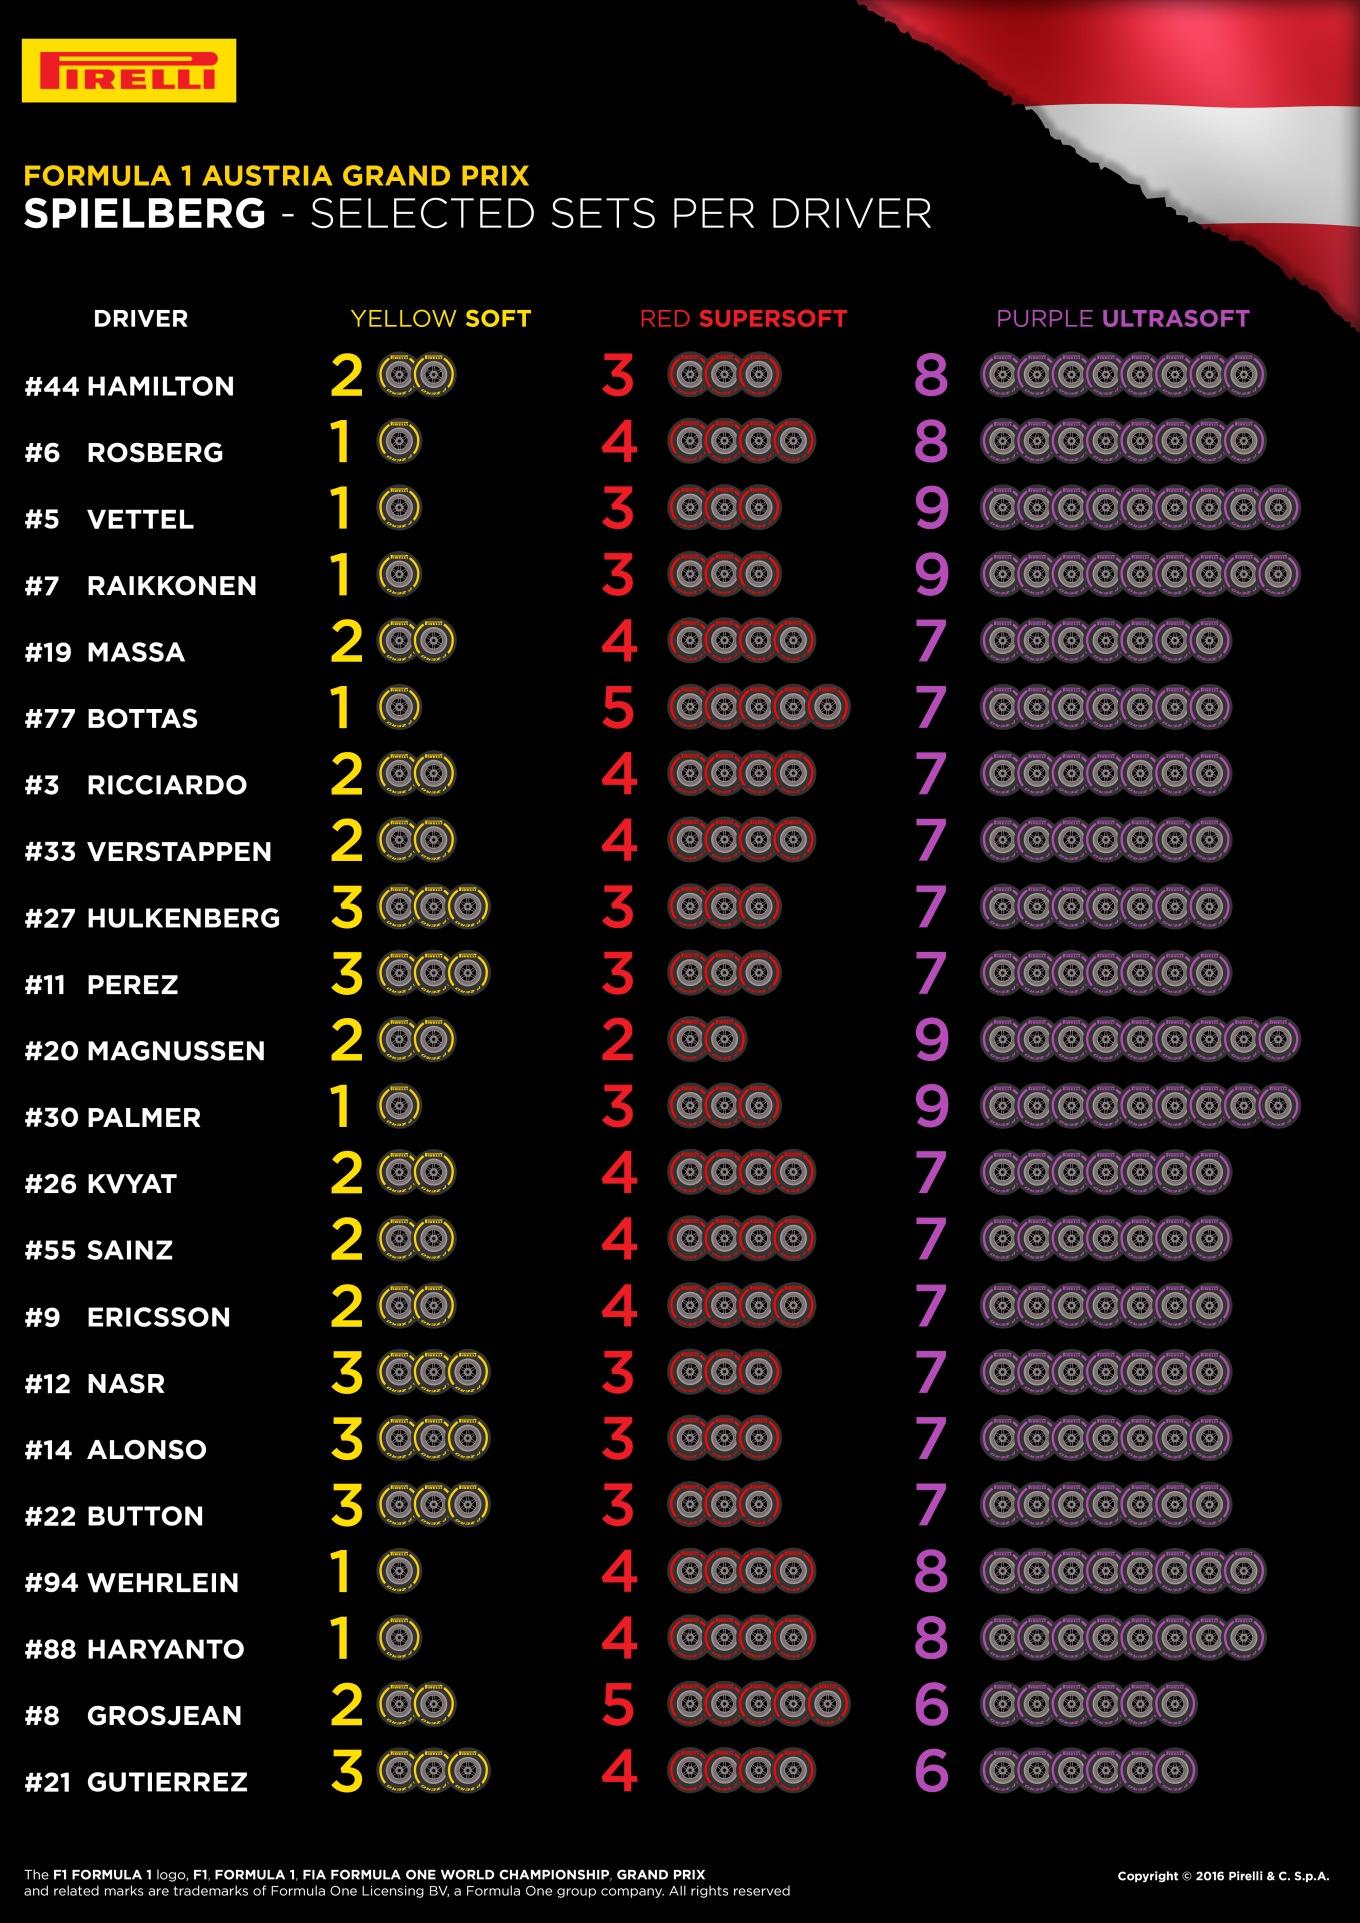 09-Austria-Selected-Sets-Per-Driver-4k-EN